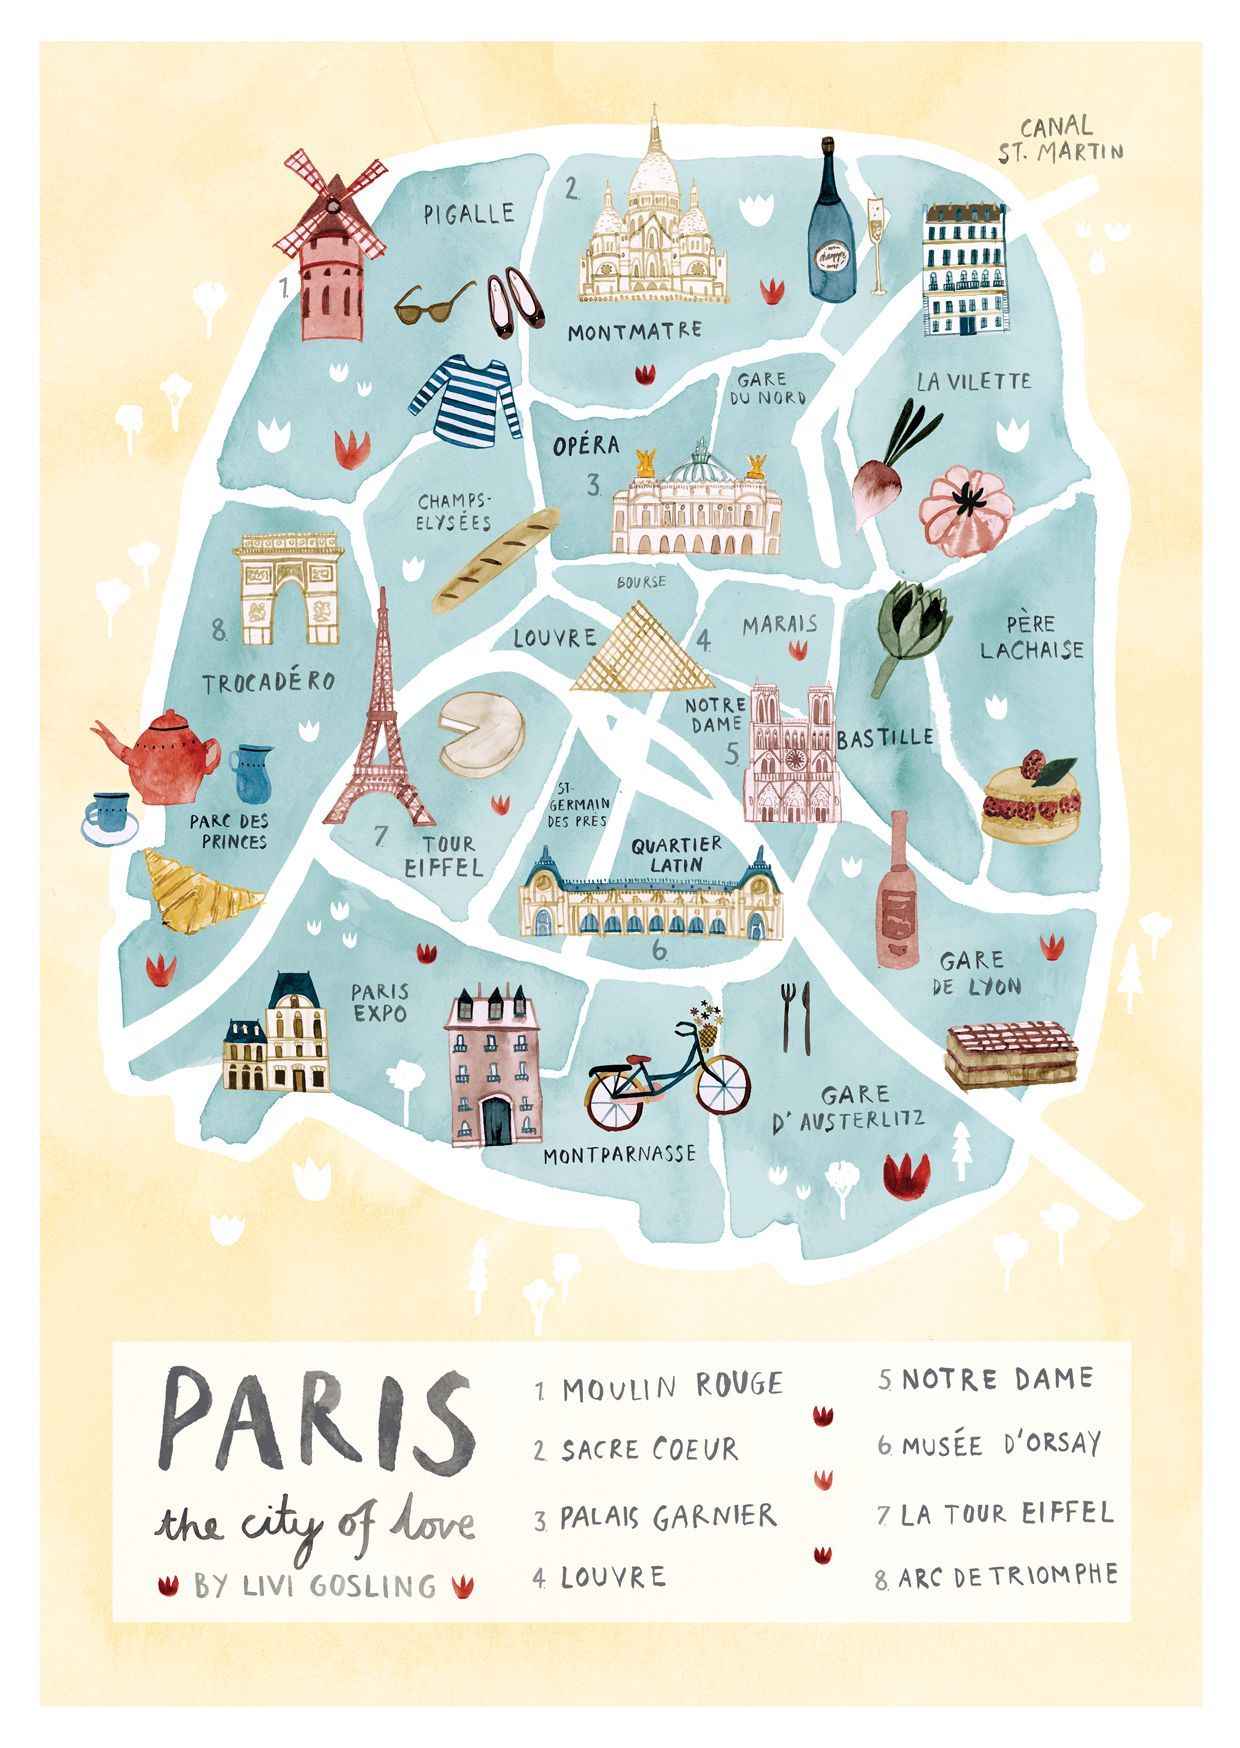 quelques mots, ne pas oublier, avancer ... Carte touristique de Paris                                                                                                                                                                                 PlusCarte touristique de Paris                                                                                                                       ...